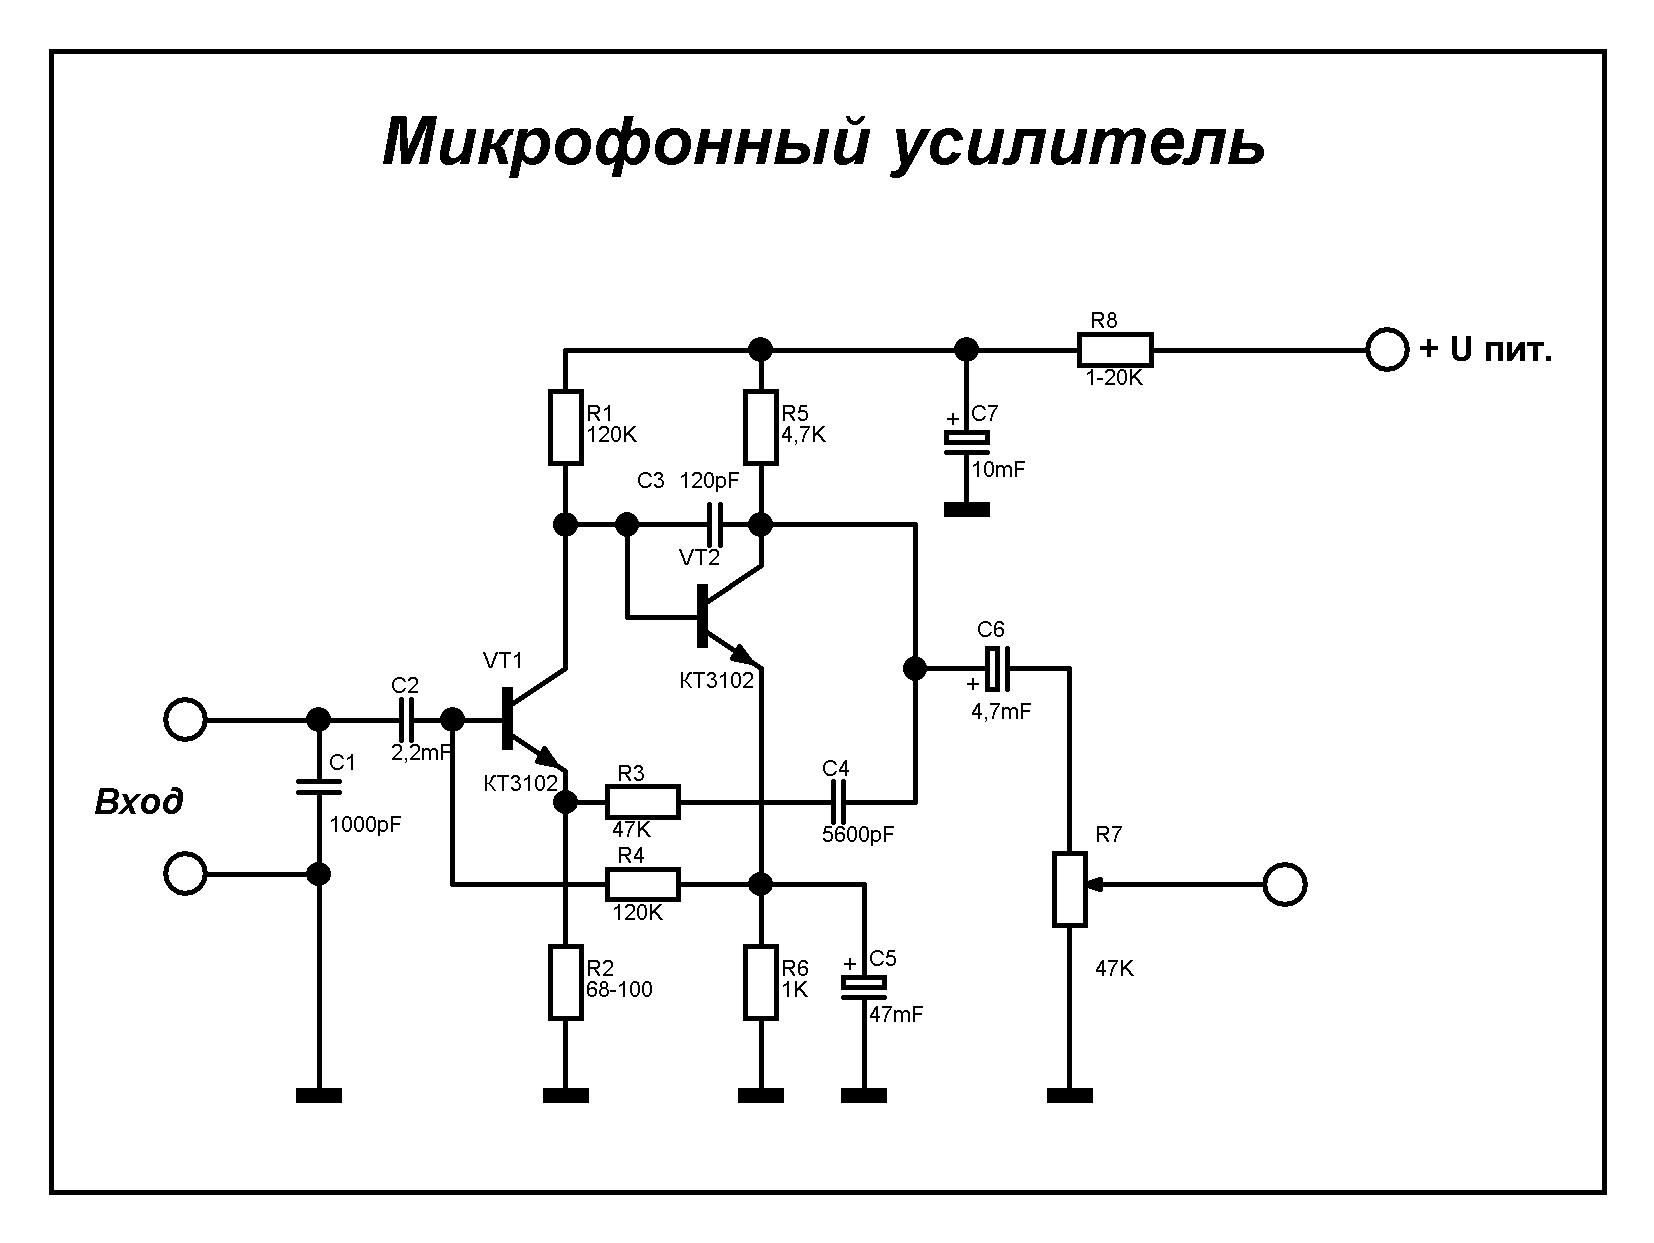 Схема микрофонного усилителя динамический микрофон